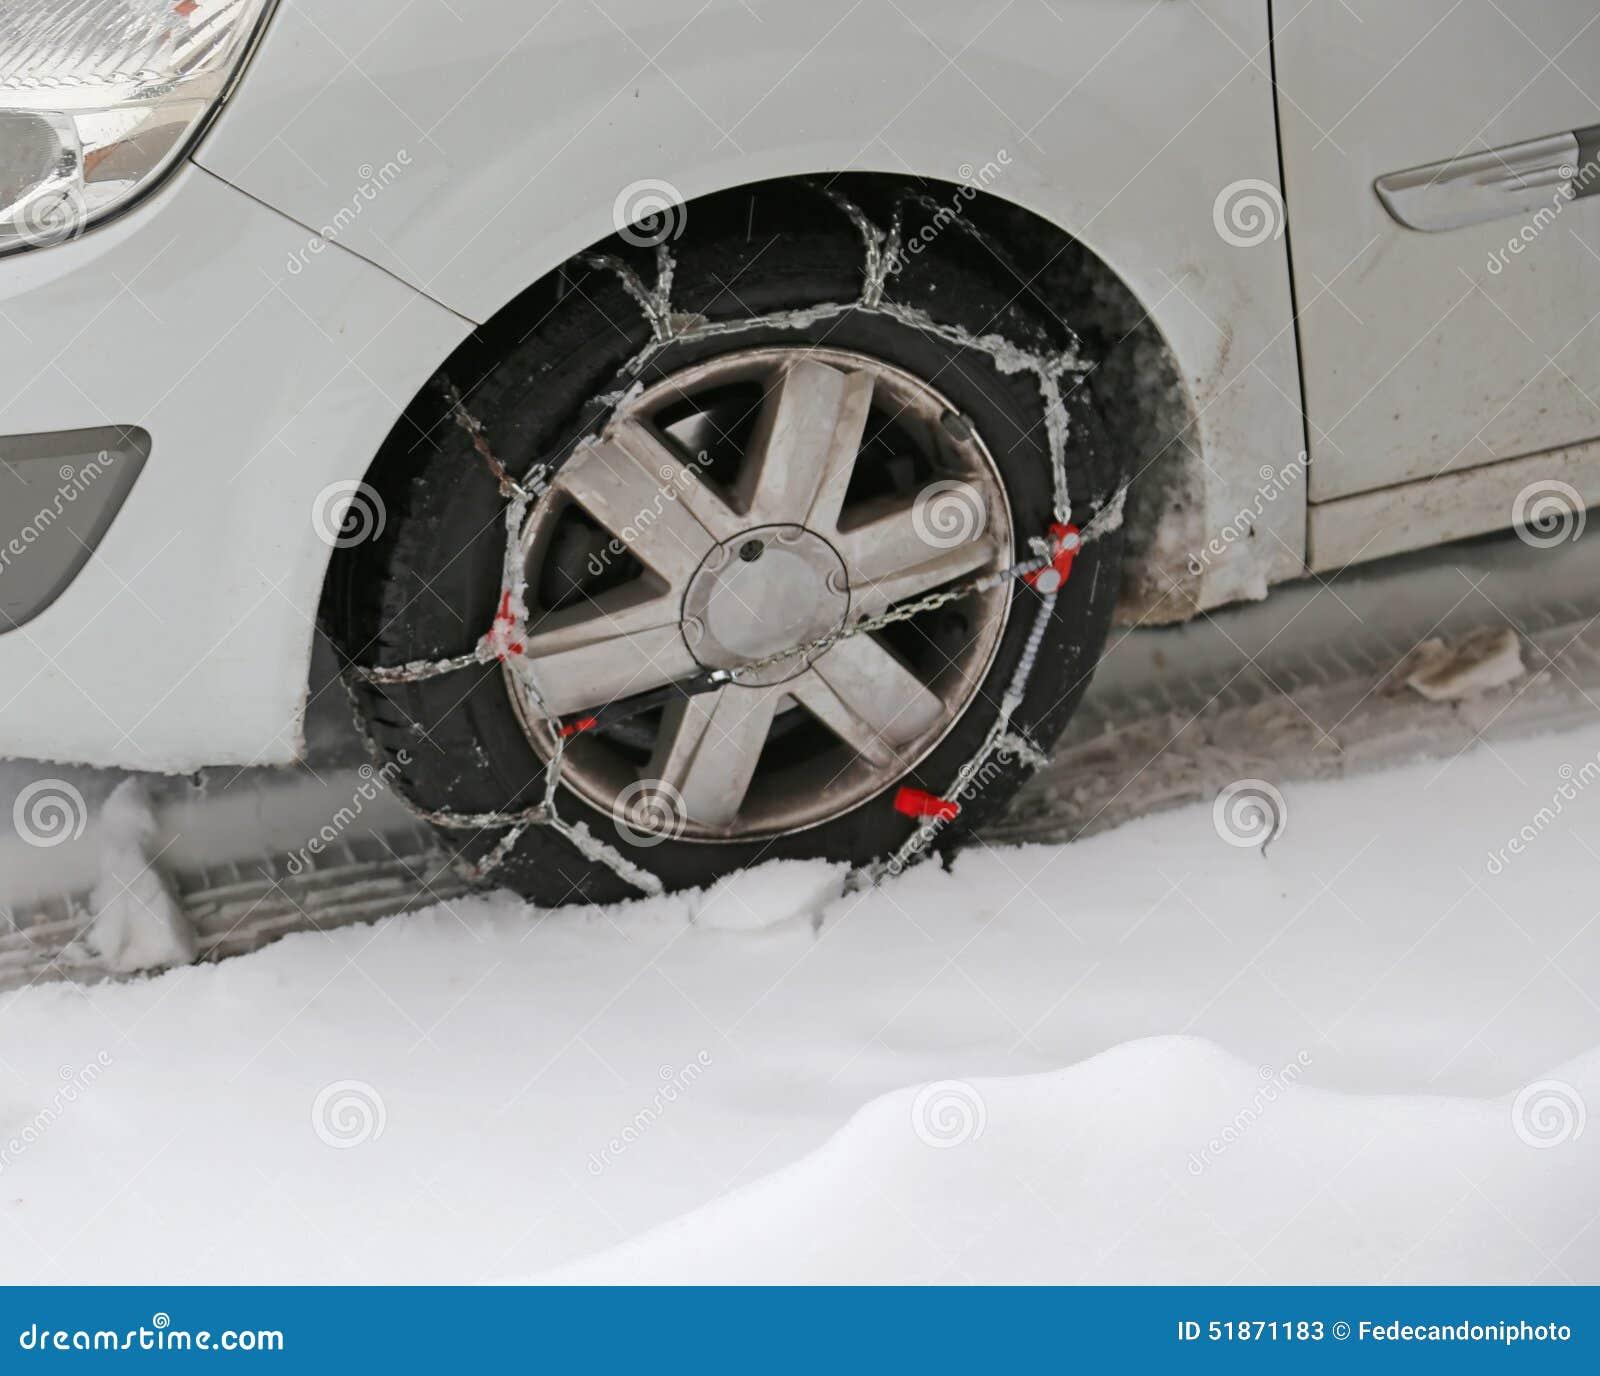 Autoreifen mit Schneeketten im Winter